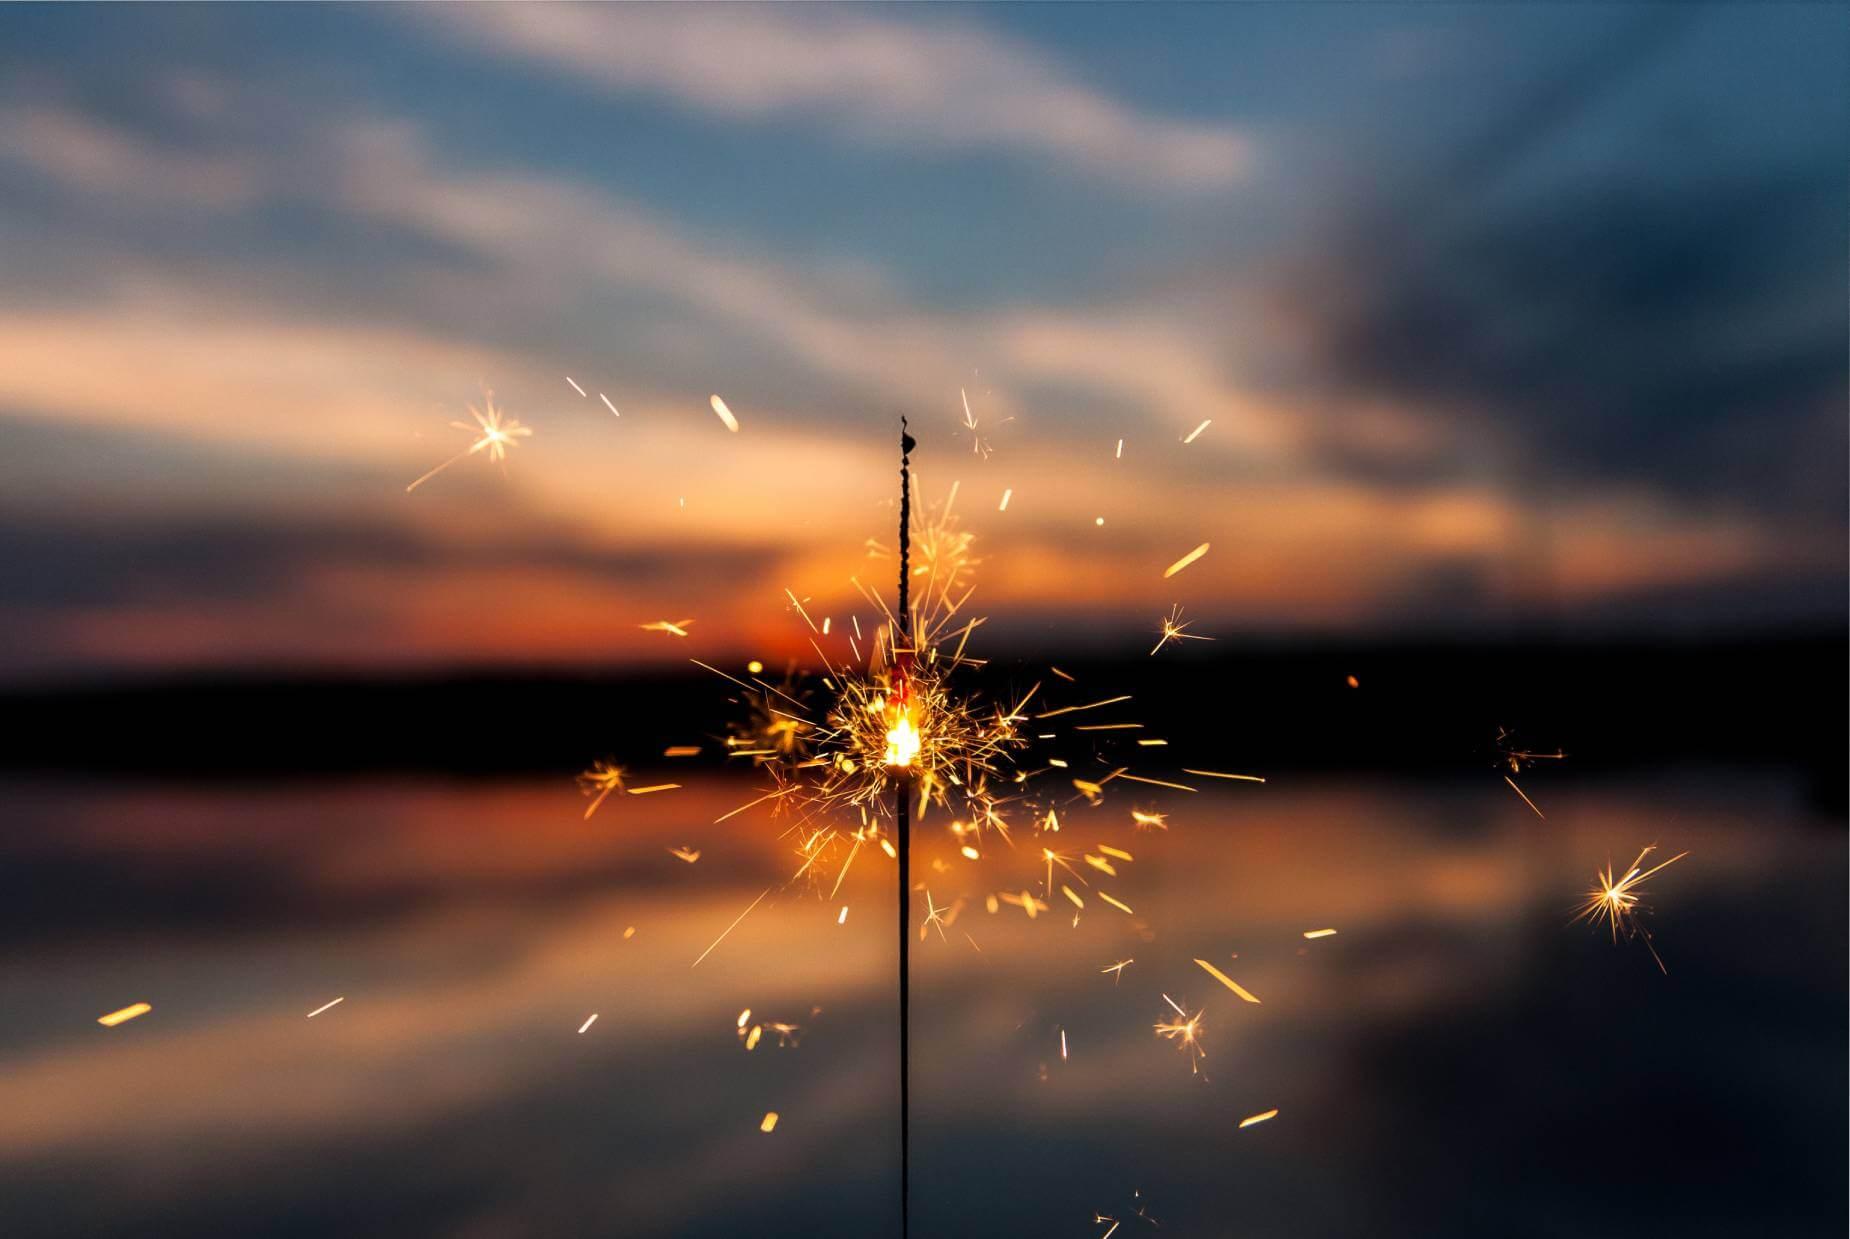 sparkle - dawid-zawila-E9b5kcgCR9Y-unsplash